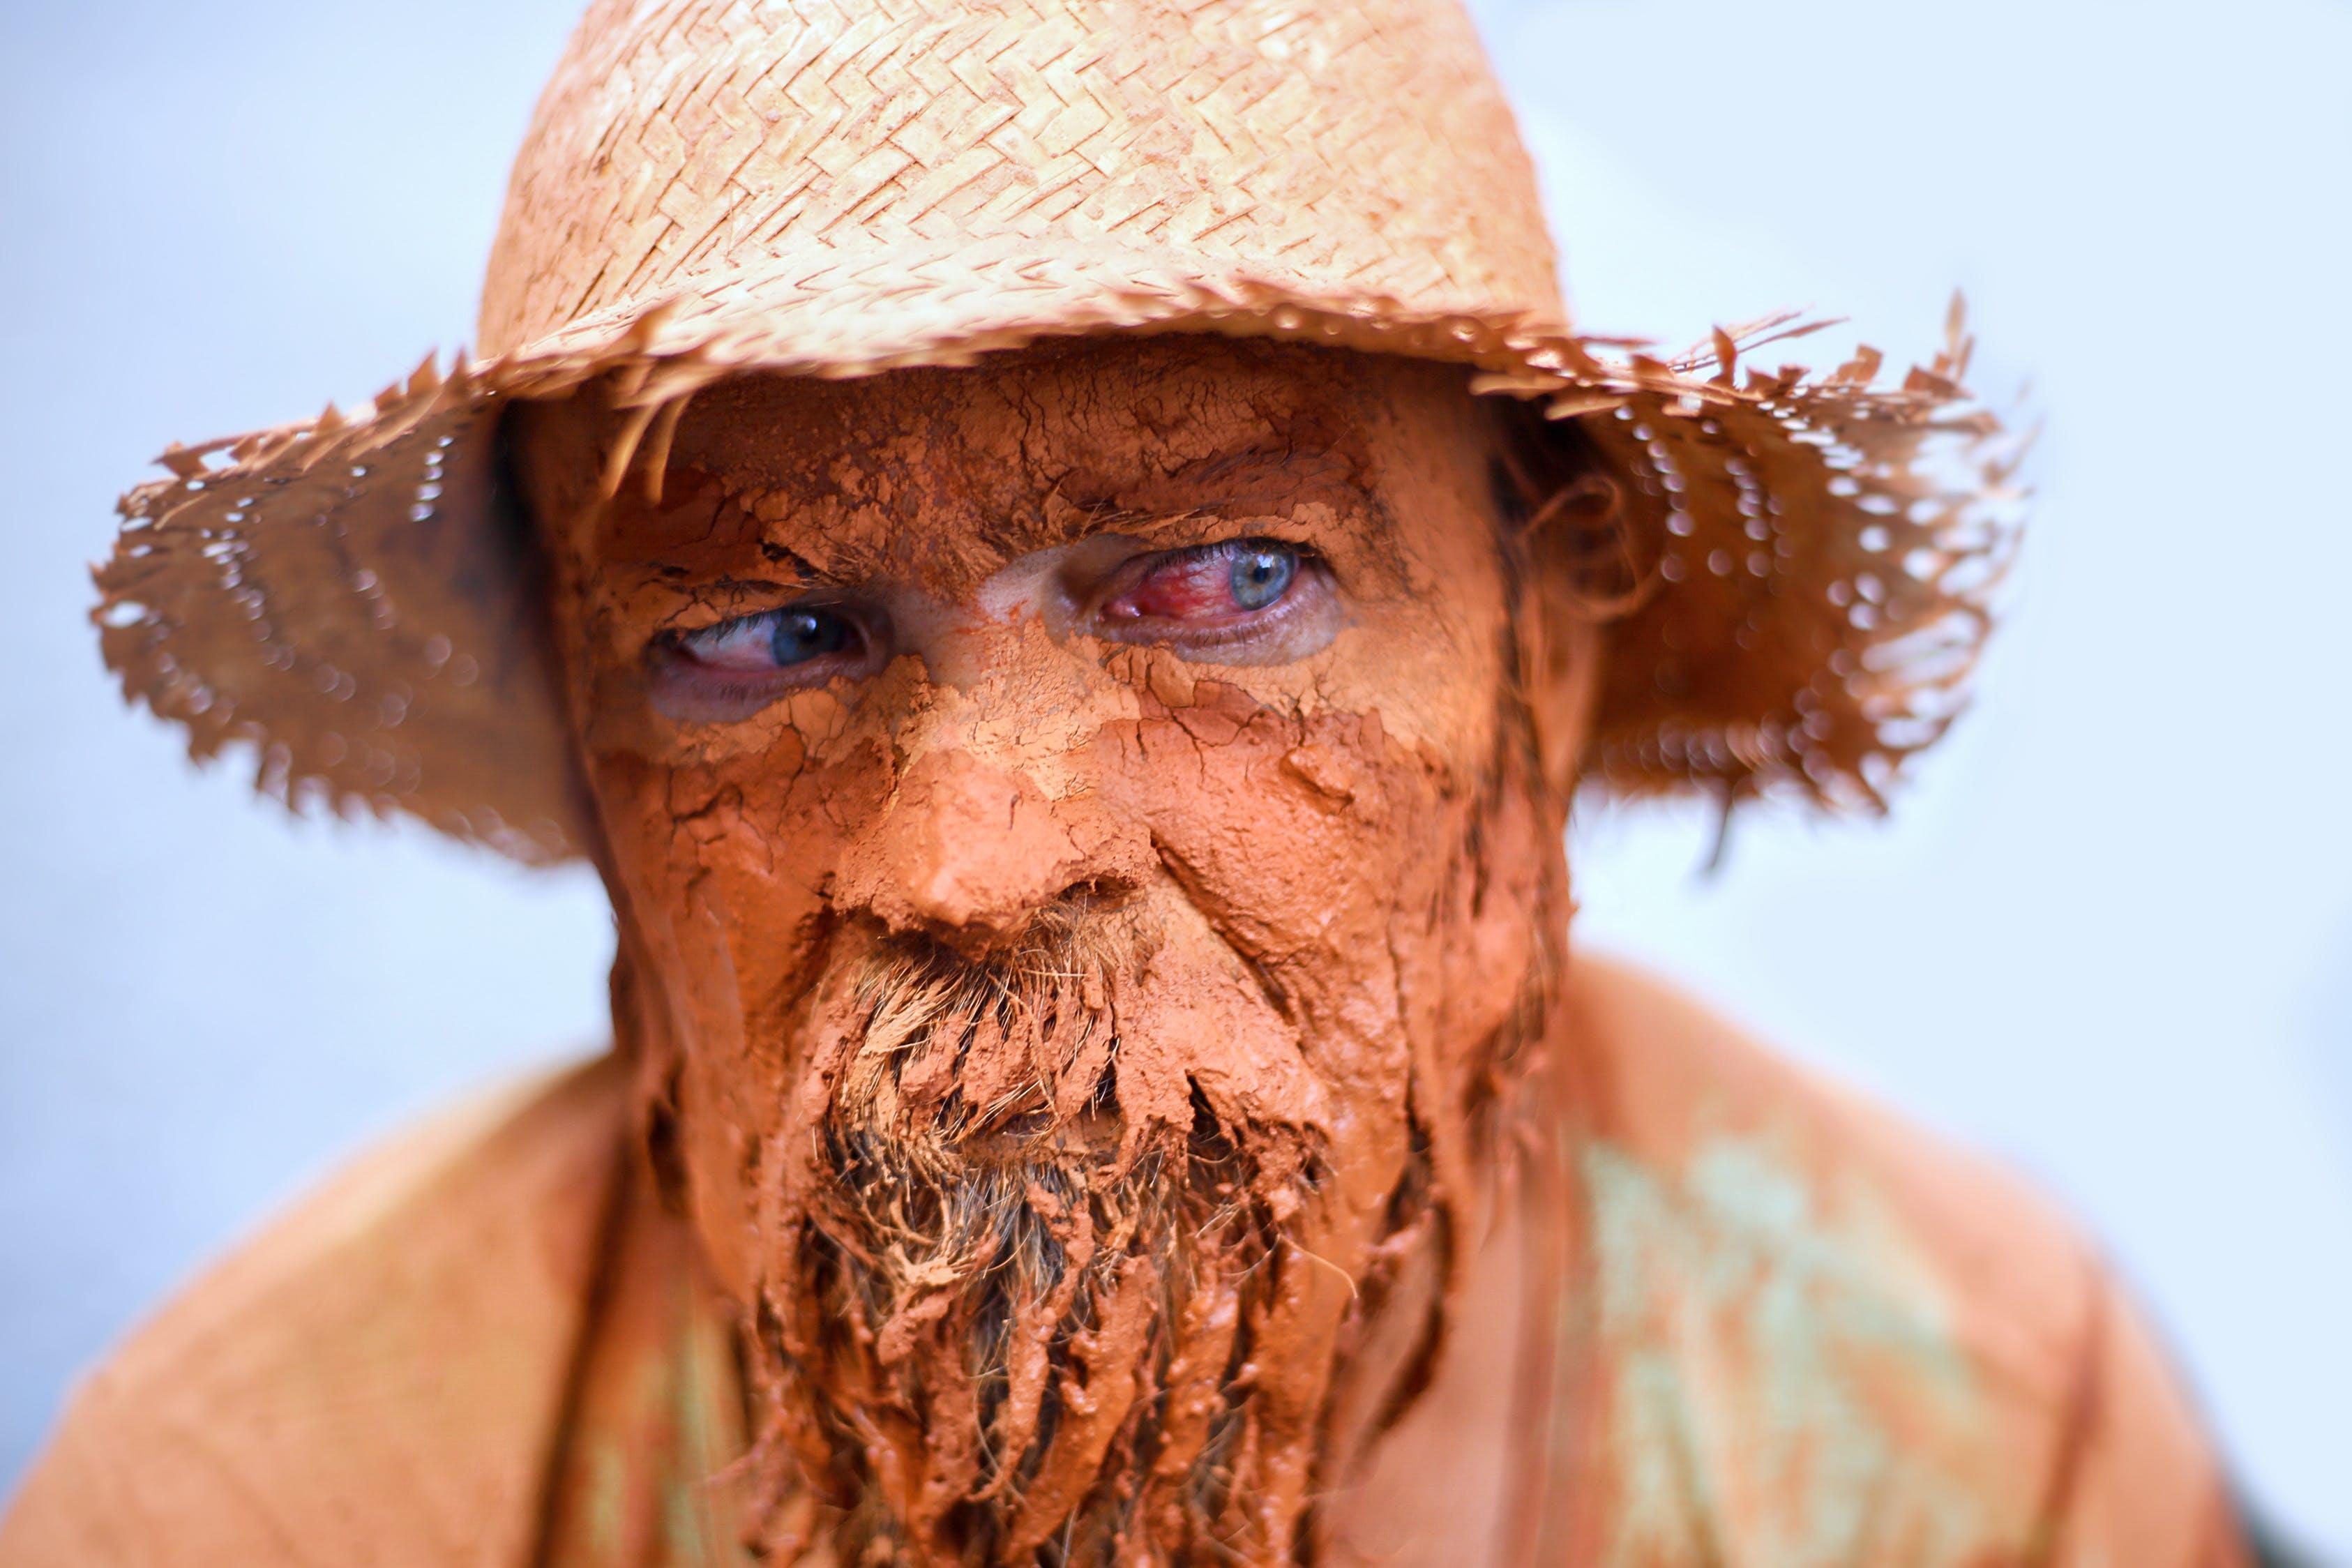 Person Wearing Brown Wicker Bucket Hat